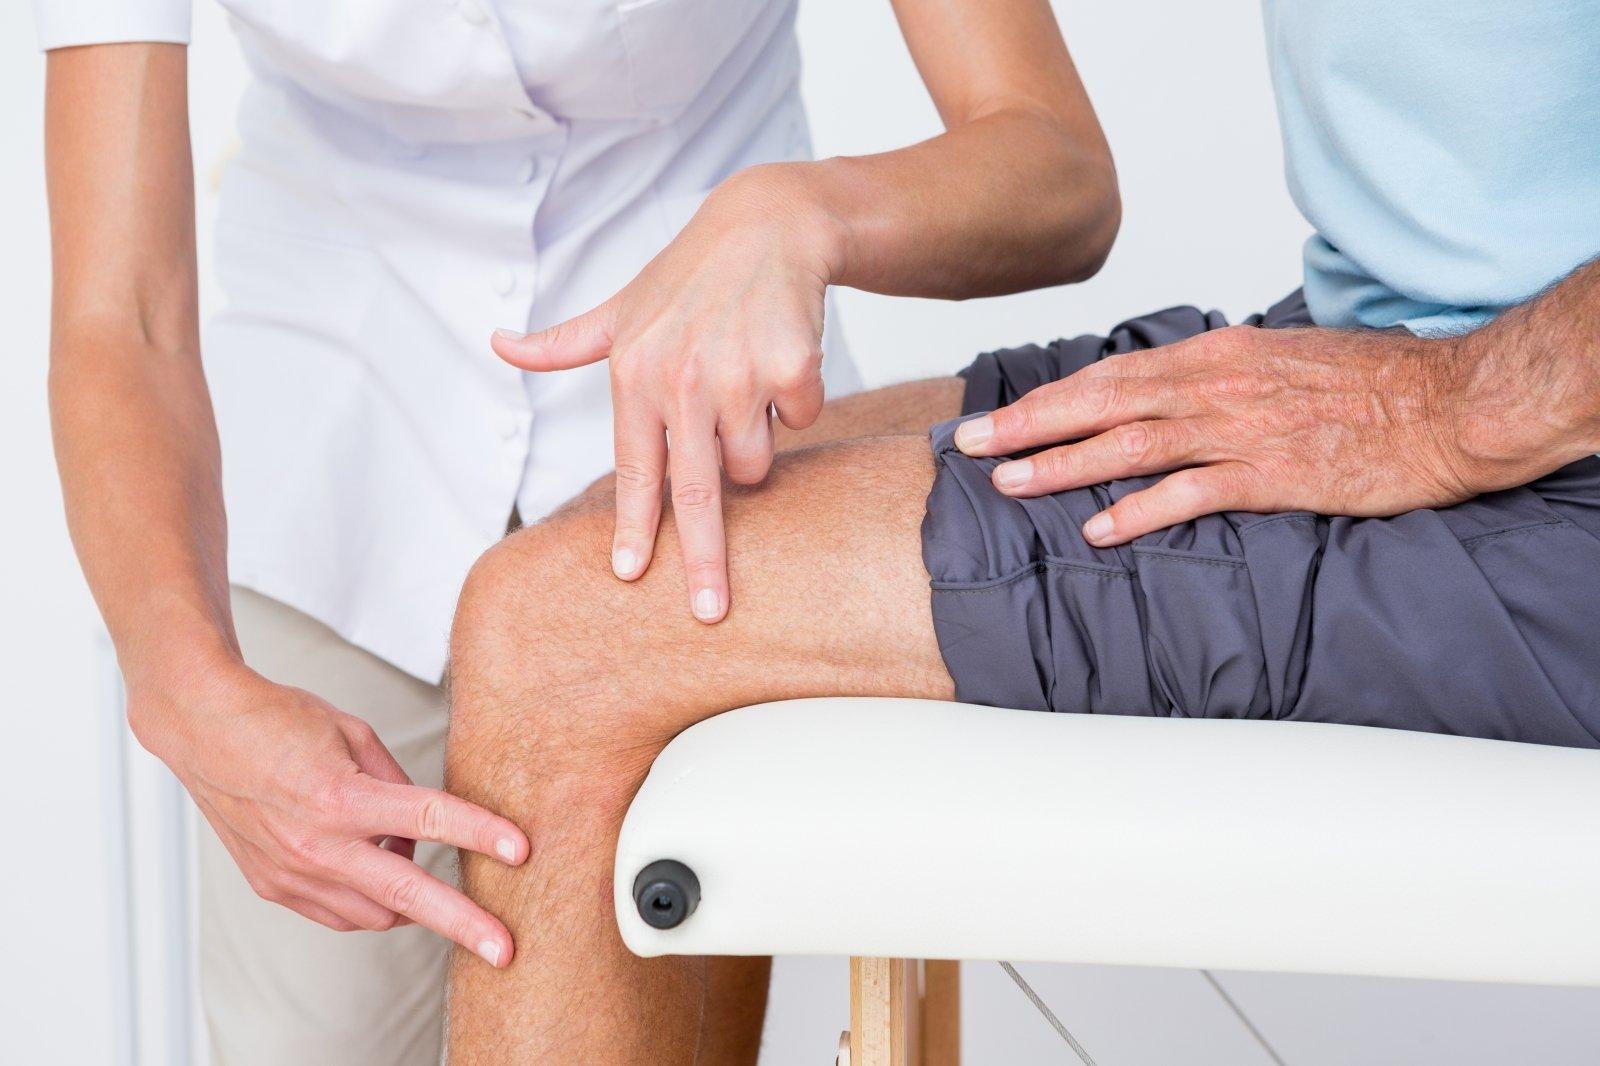 bat sąnarių skausmas ir raumenų reumatoidinis artritas iš peties sąnario gydymo